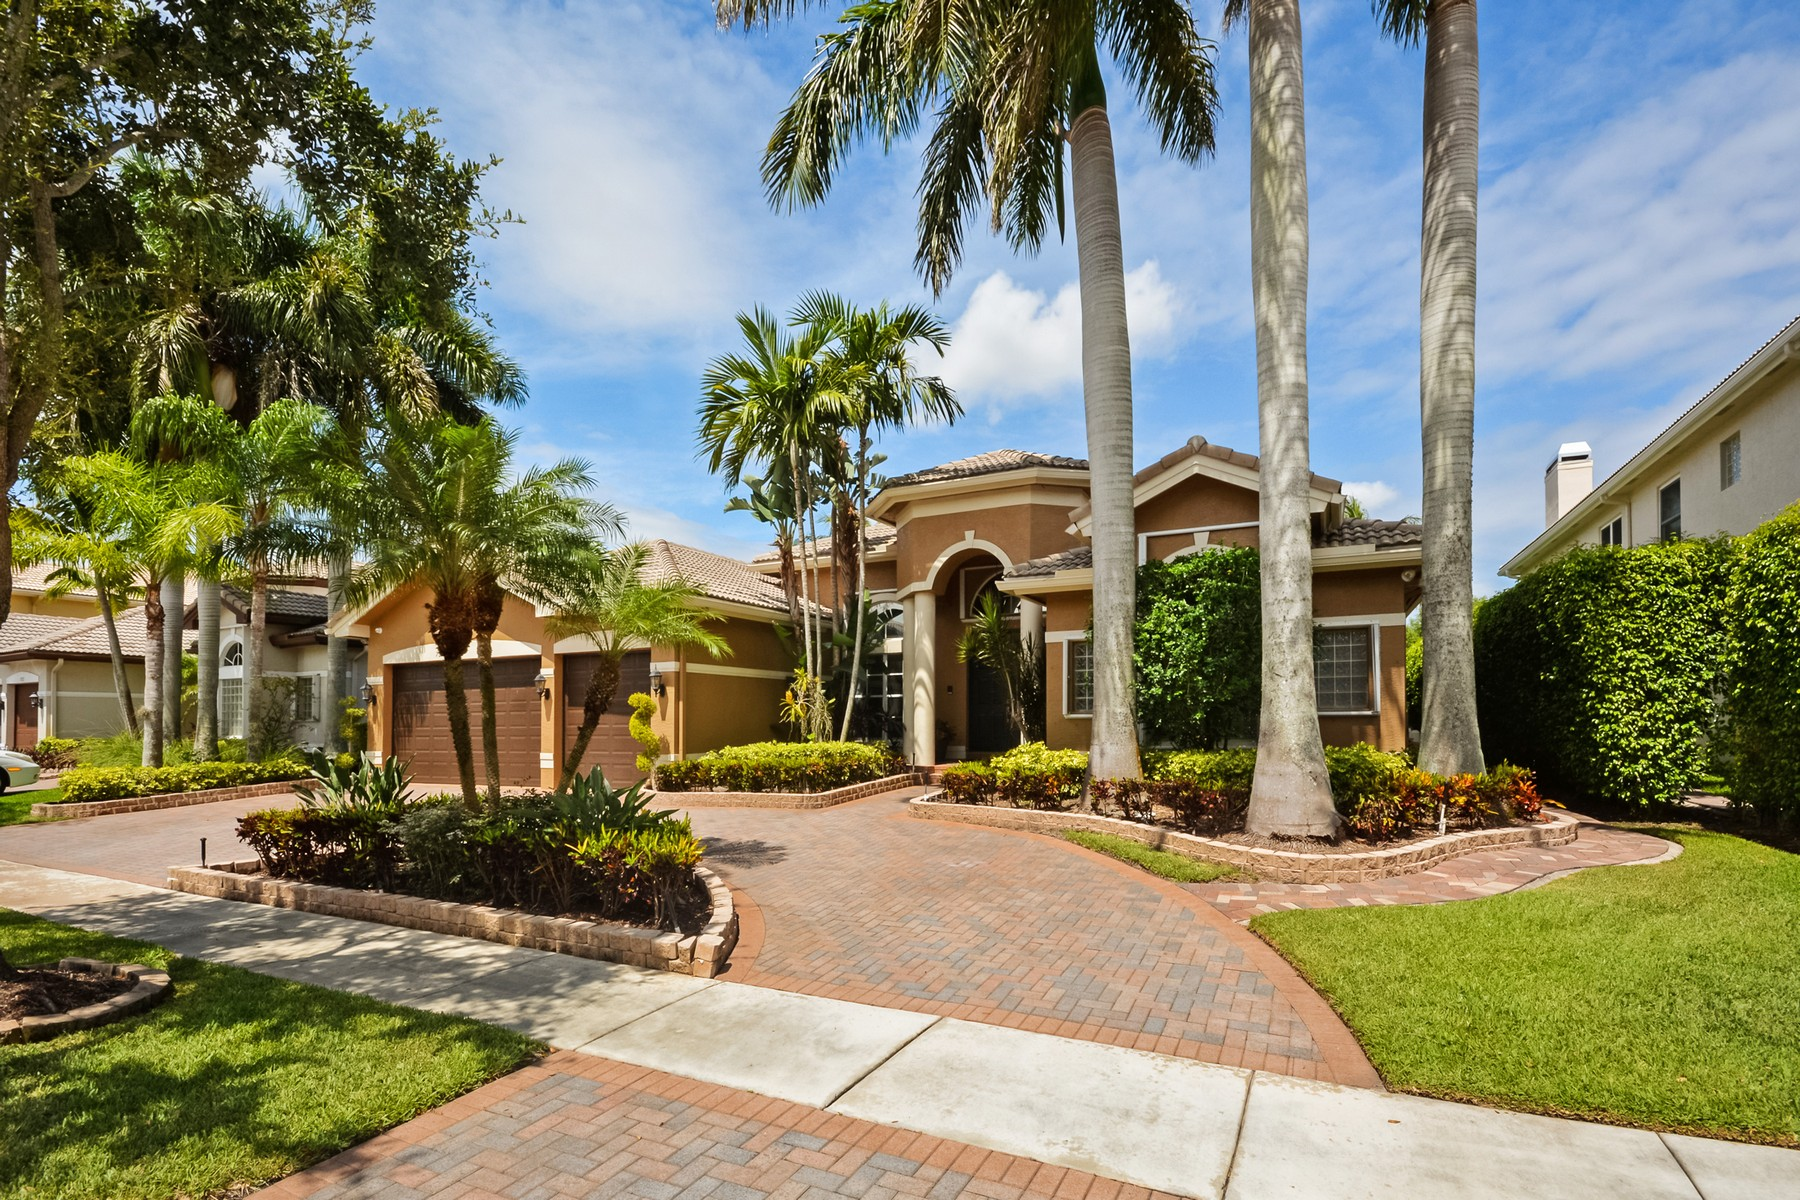 Einfamilienhaus für Verkauf beim 19213 Natures View Ct , Boca Raton, FL 33498 19213 Natures View Ct Boca Raton, Florida 33498 Vereinigte Staaten